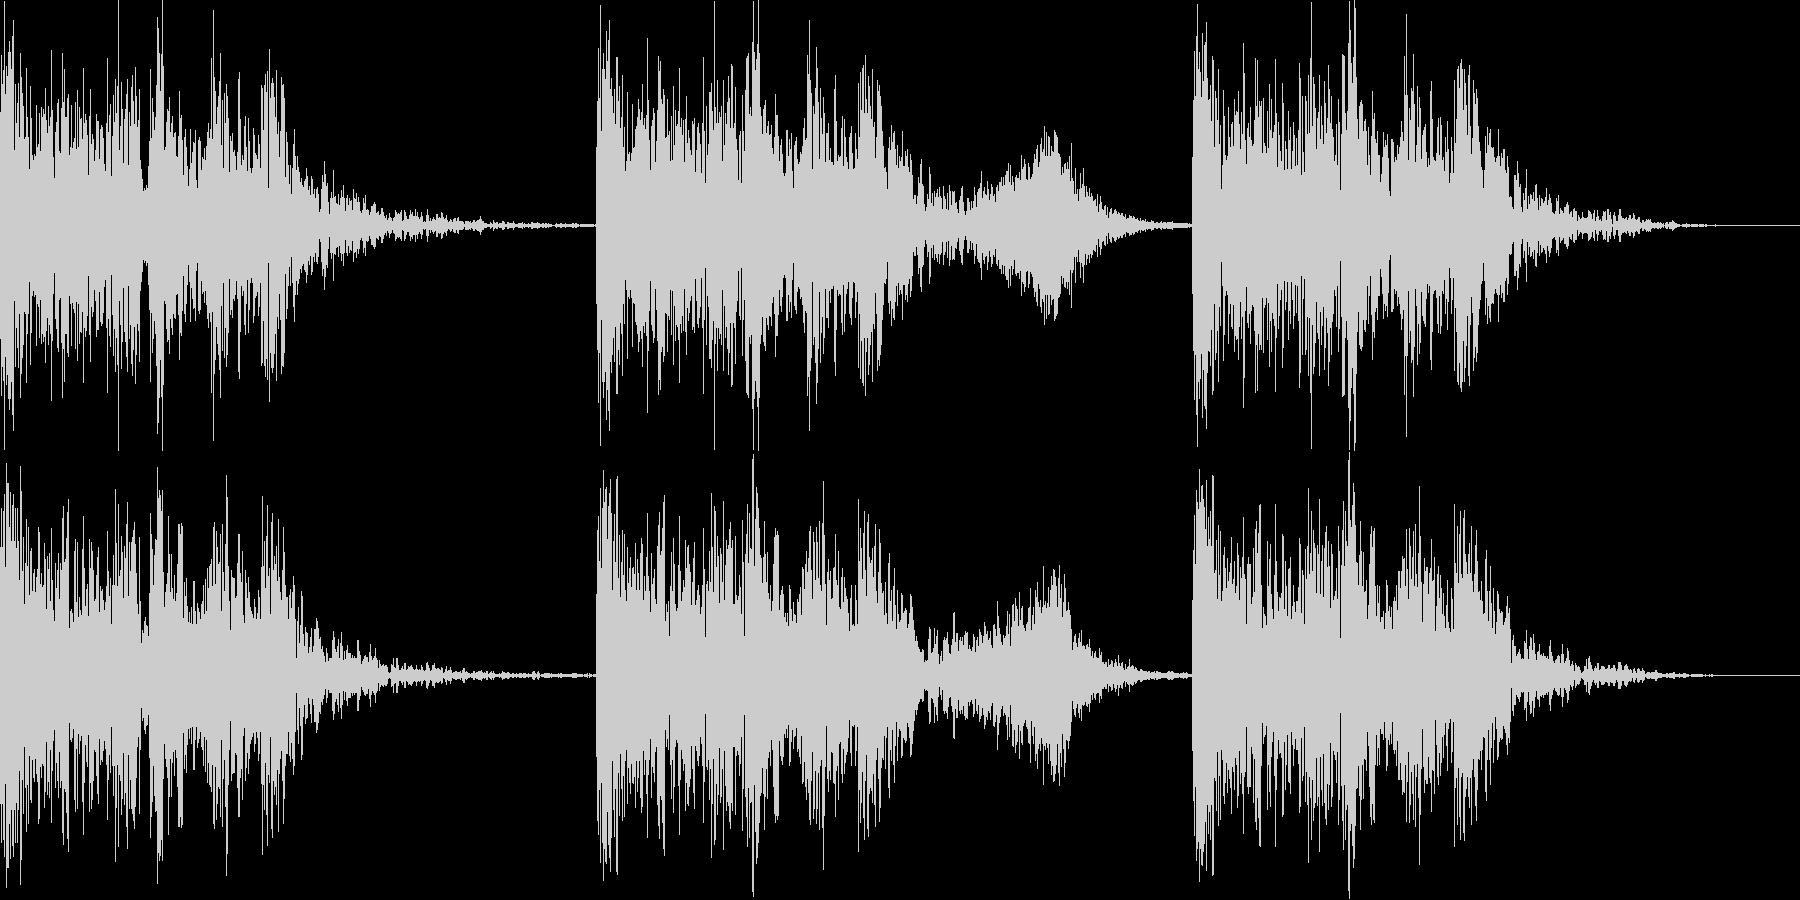 ファイトを感じるBGMの未再生の波形